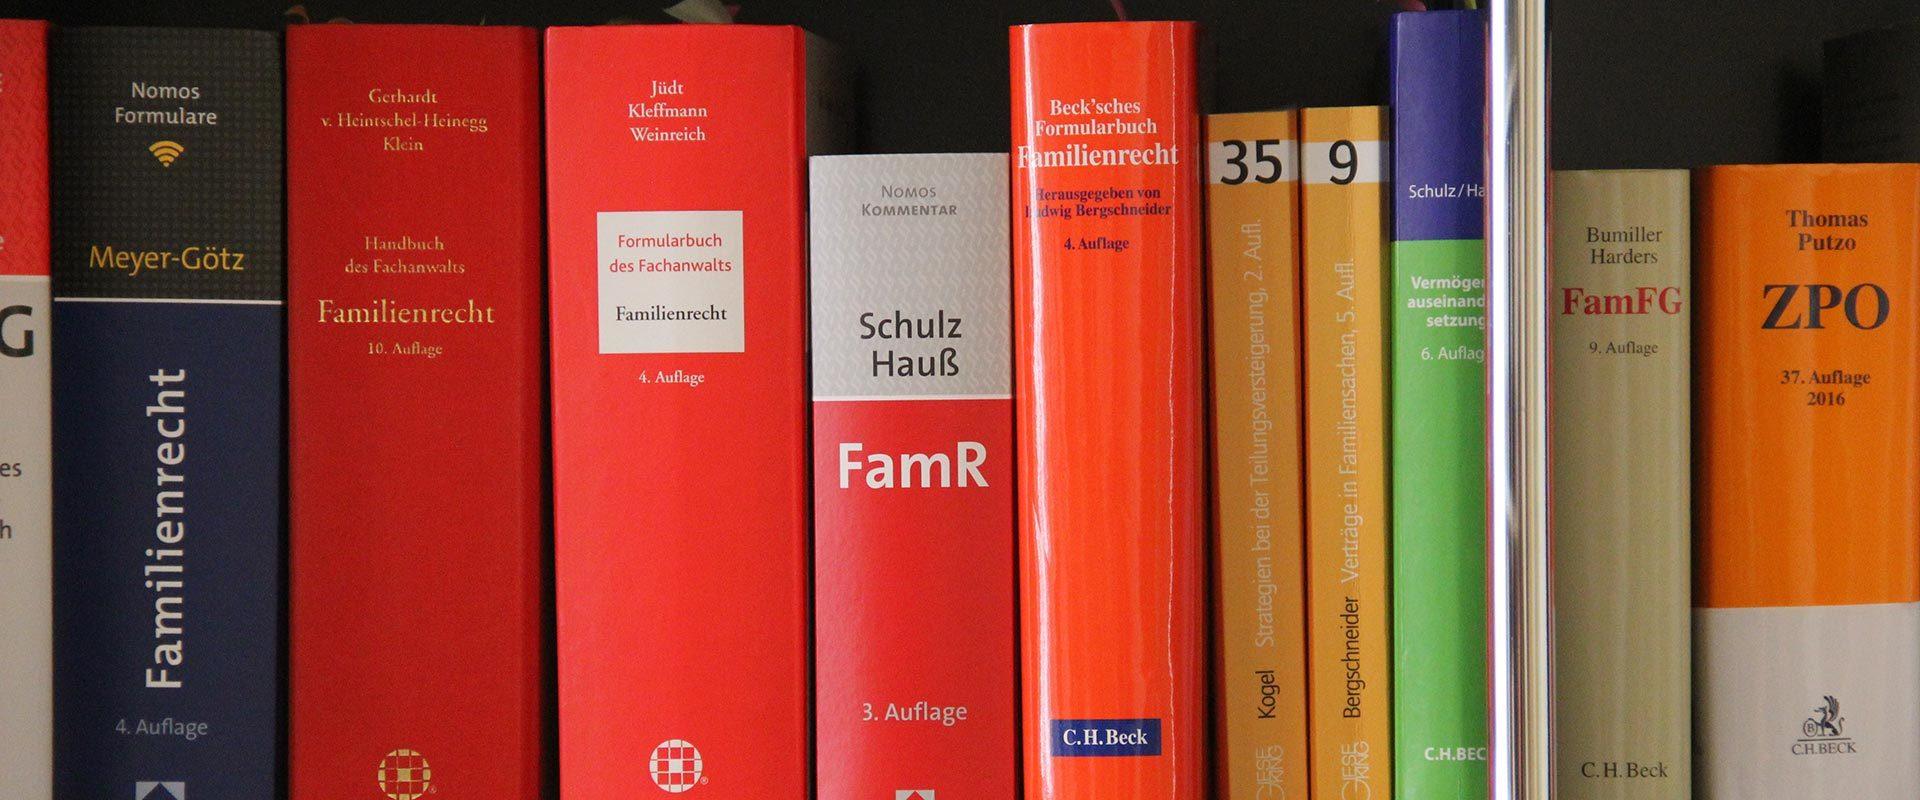 Erbrecht und Familienrecht in Landshut